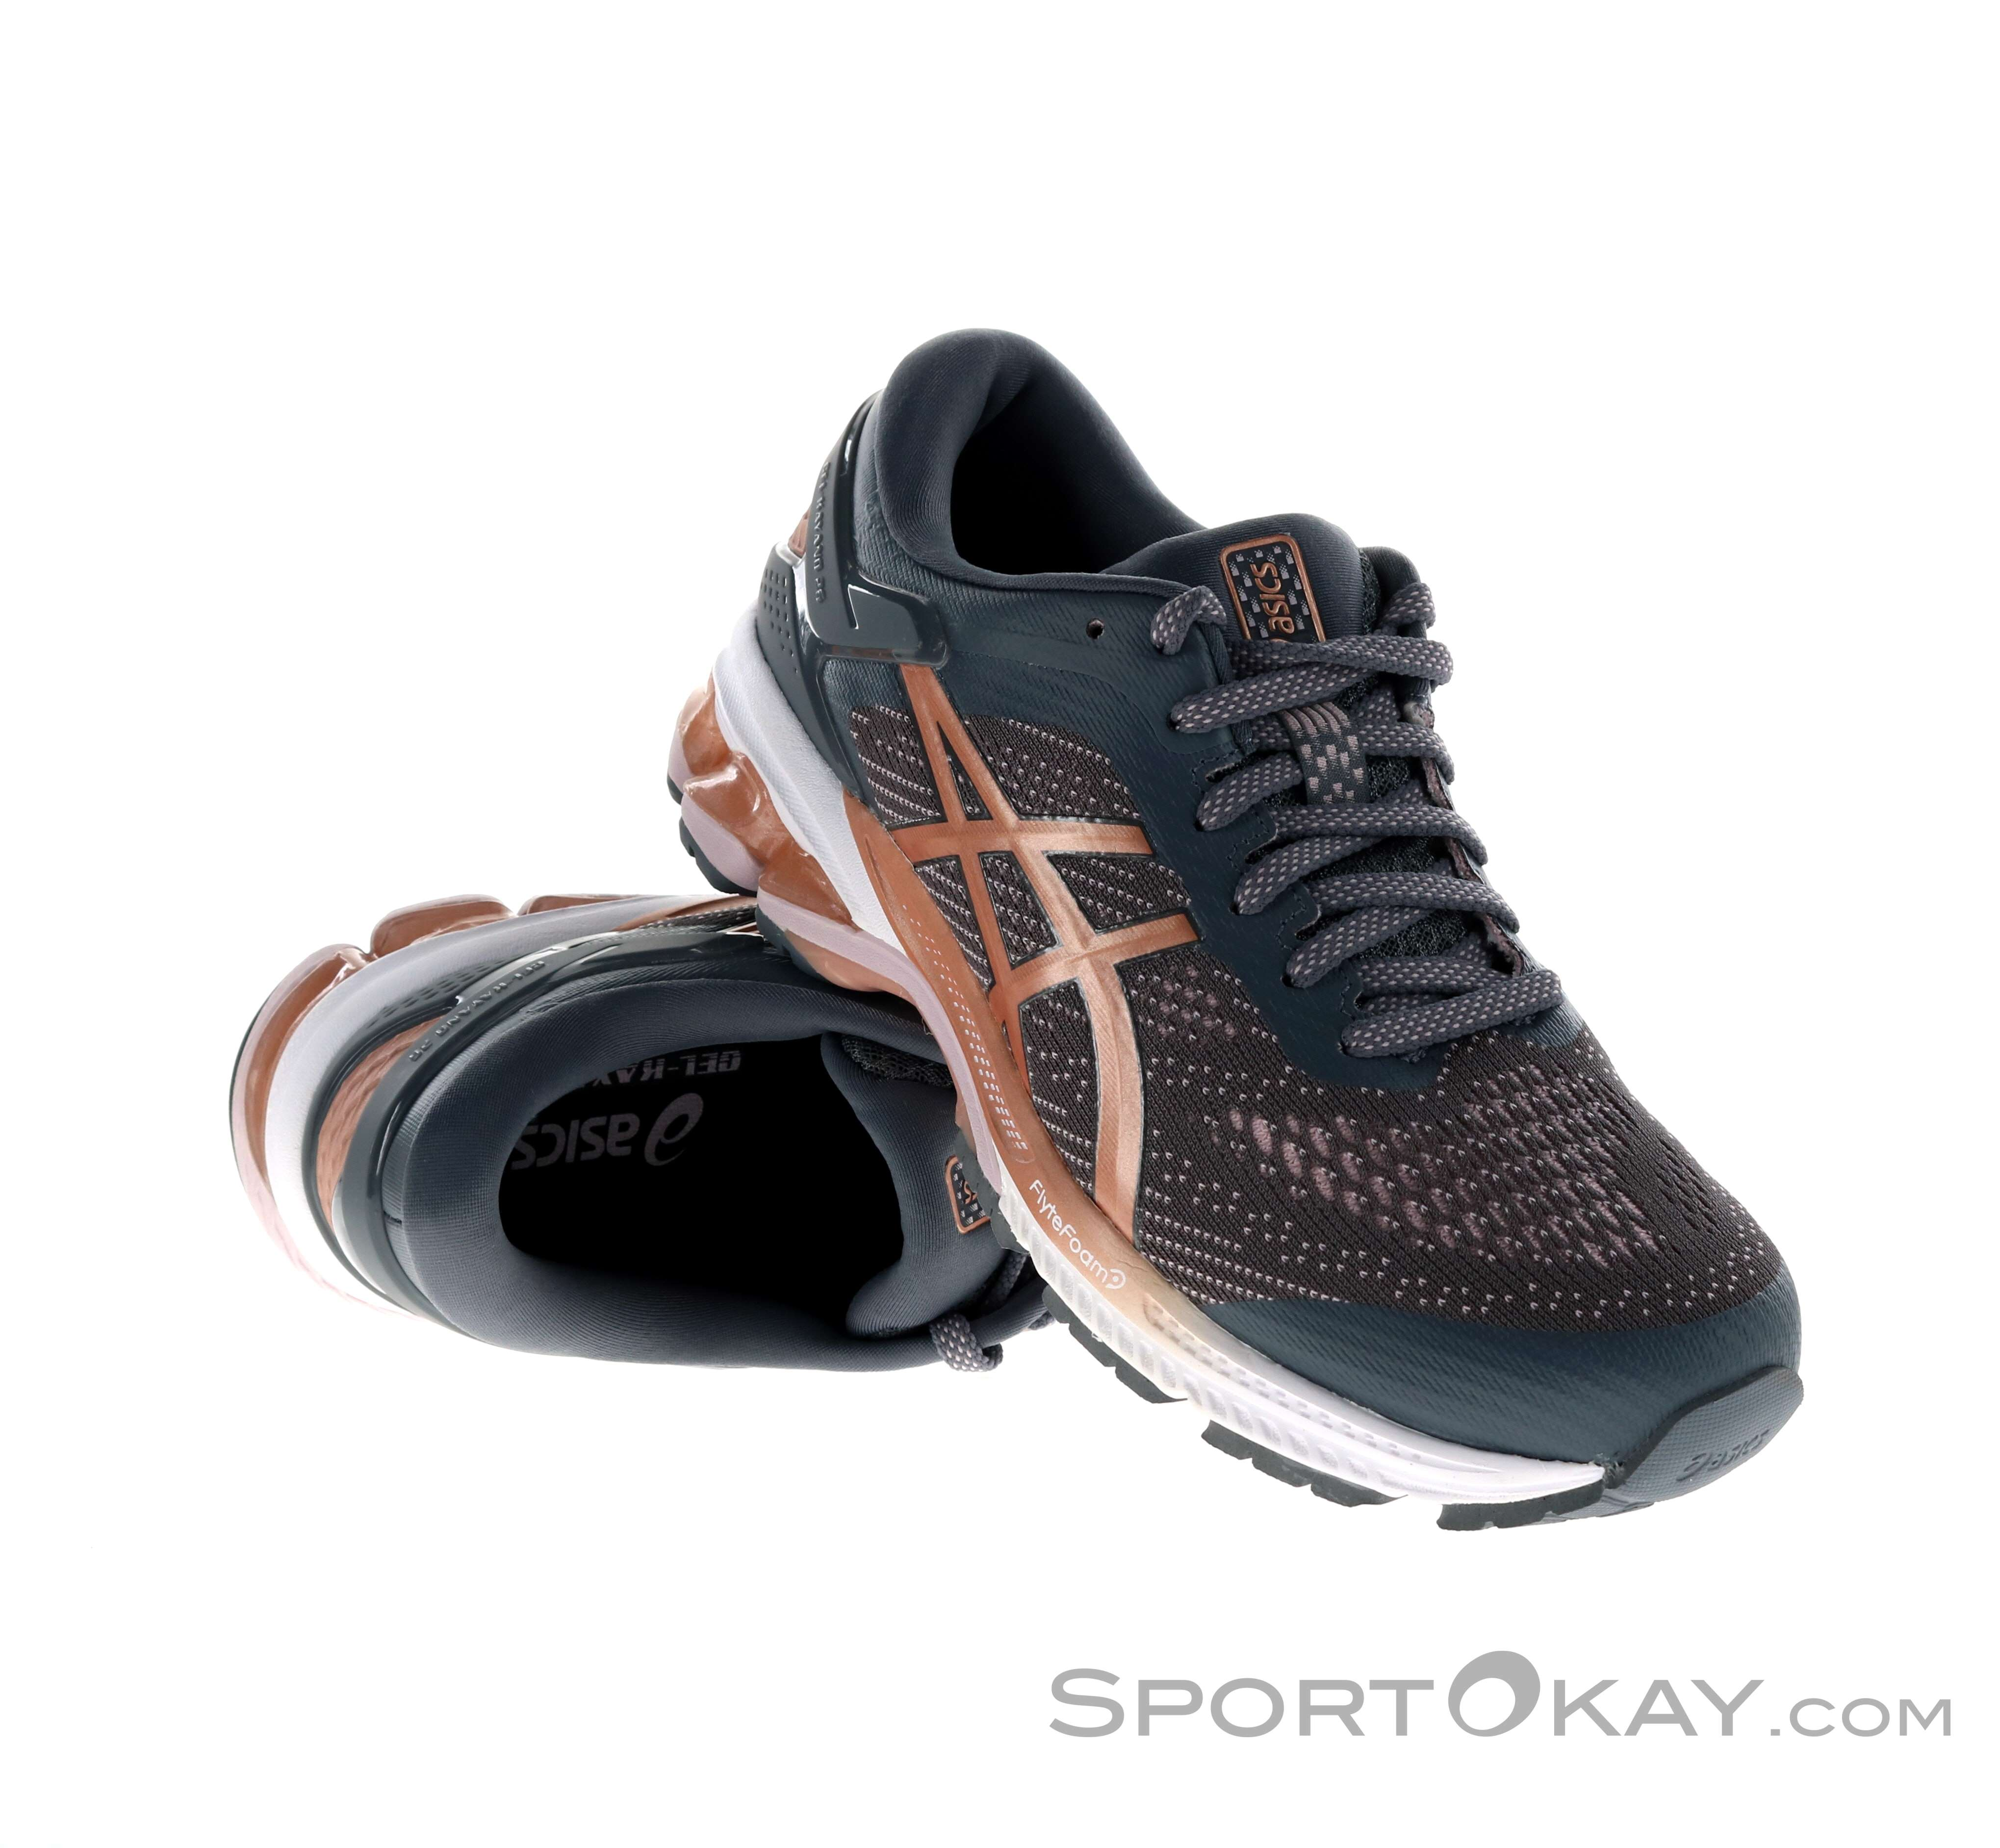 Asics Asics Gel-Kayano 26 Womens Running Shoes